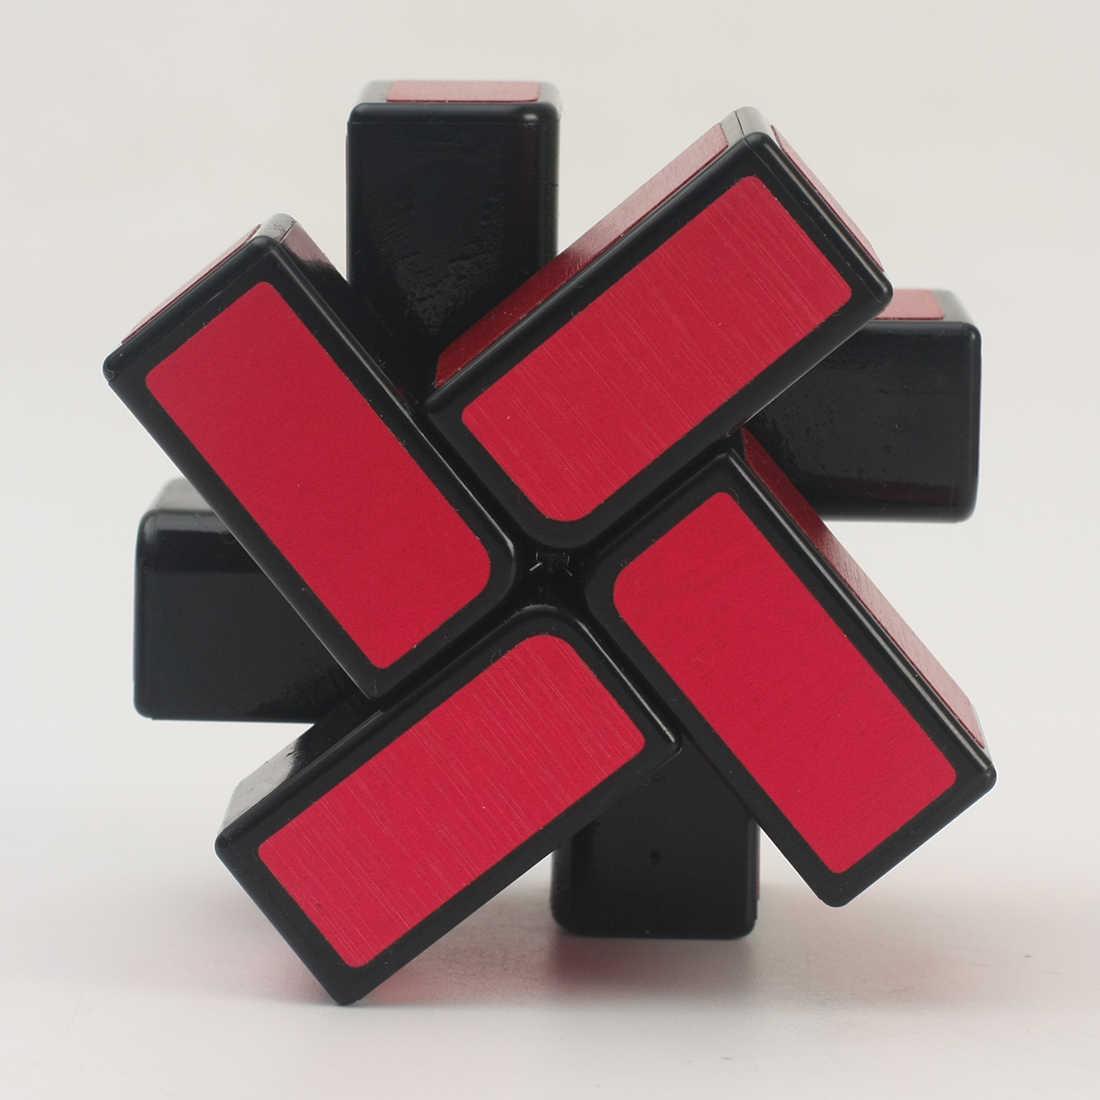 HelloCube Cuboid прямоугольник 2x2x2 волшебный куб ветряная мельница скоростной куб-красный